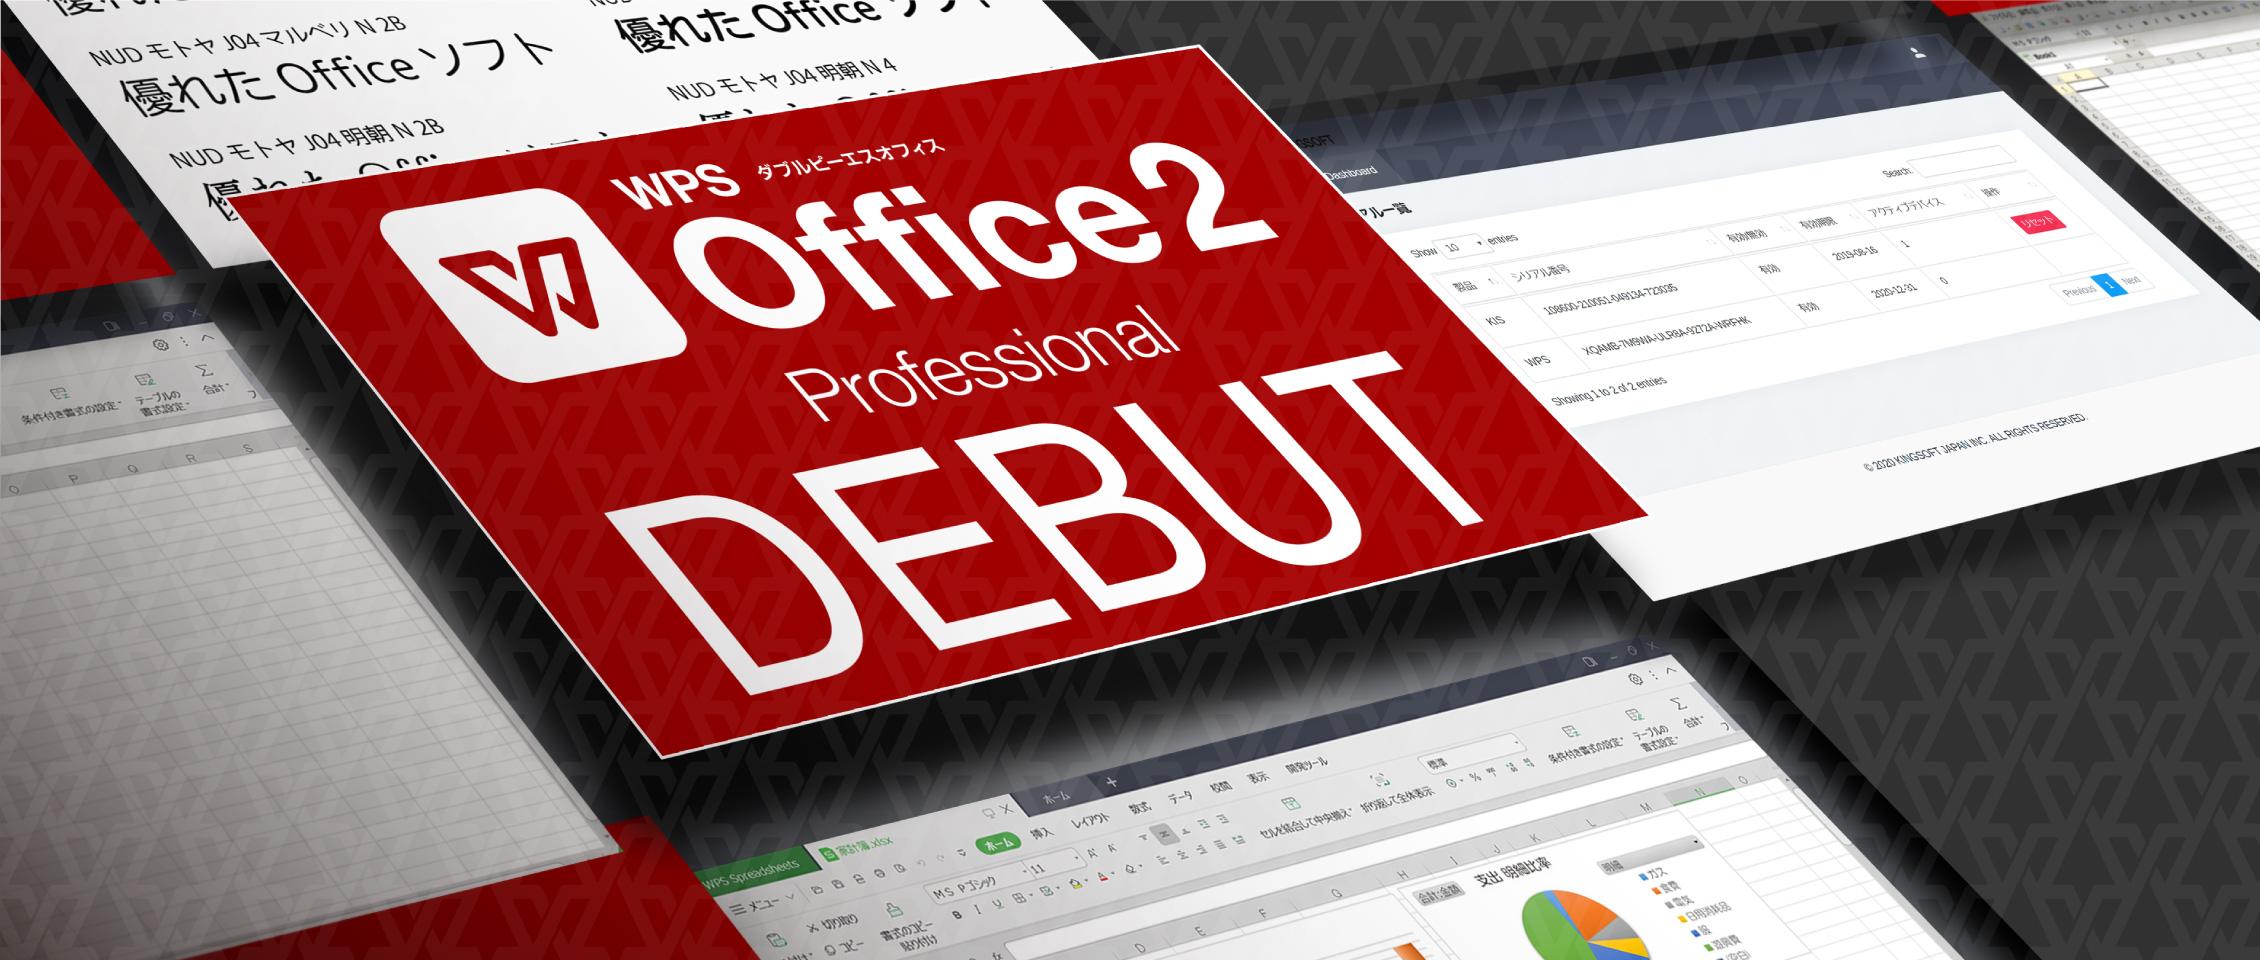 キングソフト、法人向け総合オフィスソフト「WPS Office Professional」の メジャーアップデート版「W